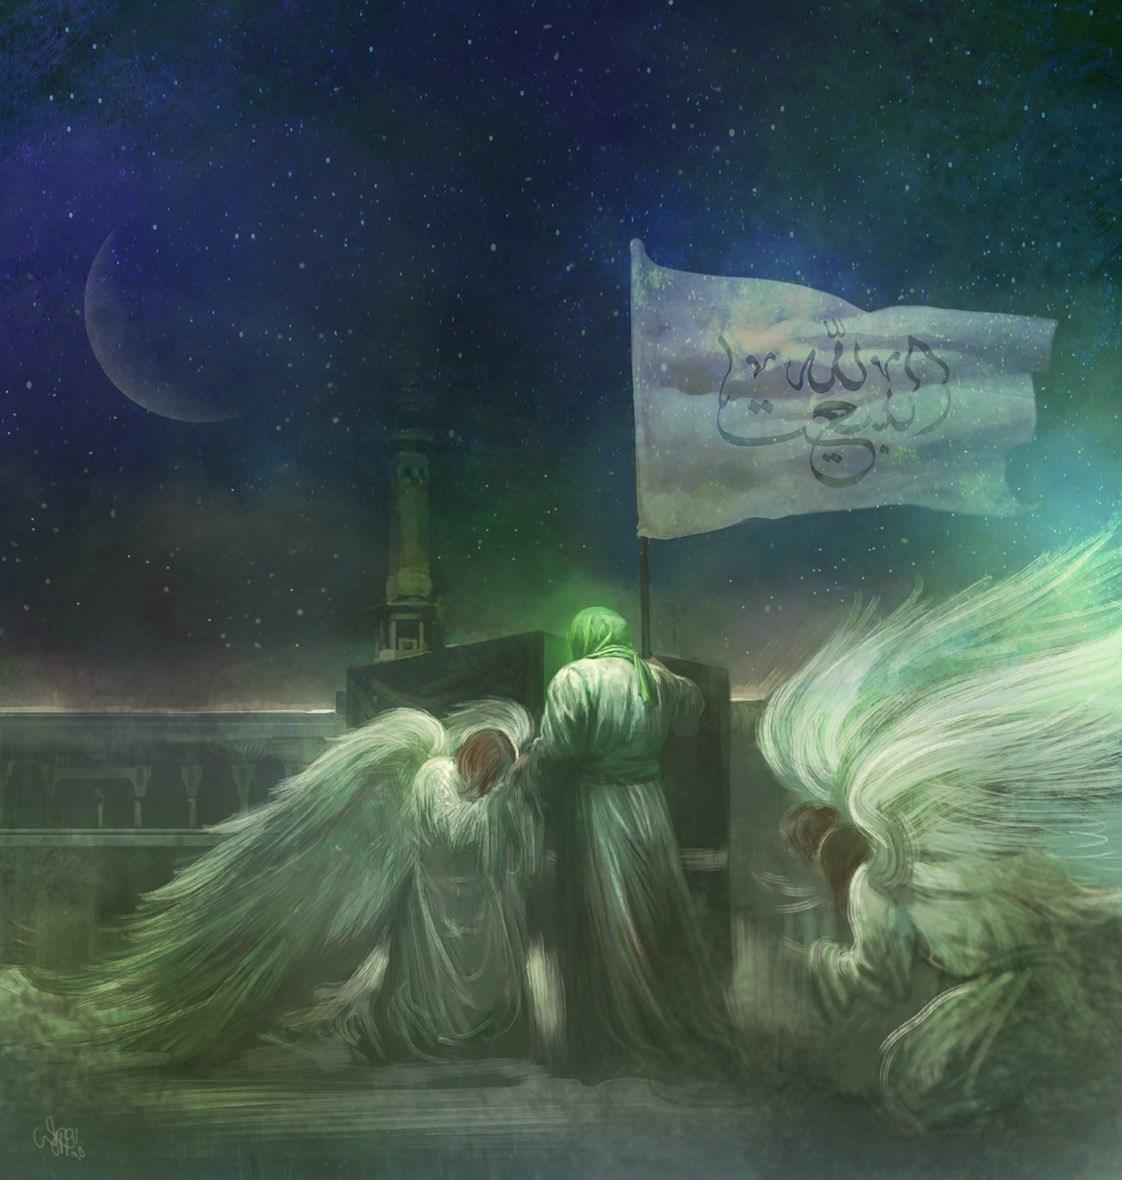 تصویری از ظهور امام زمان (عج) به روایت حسن روحالامین+ عکس